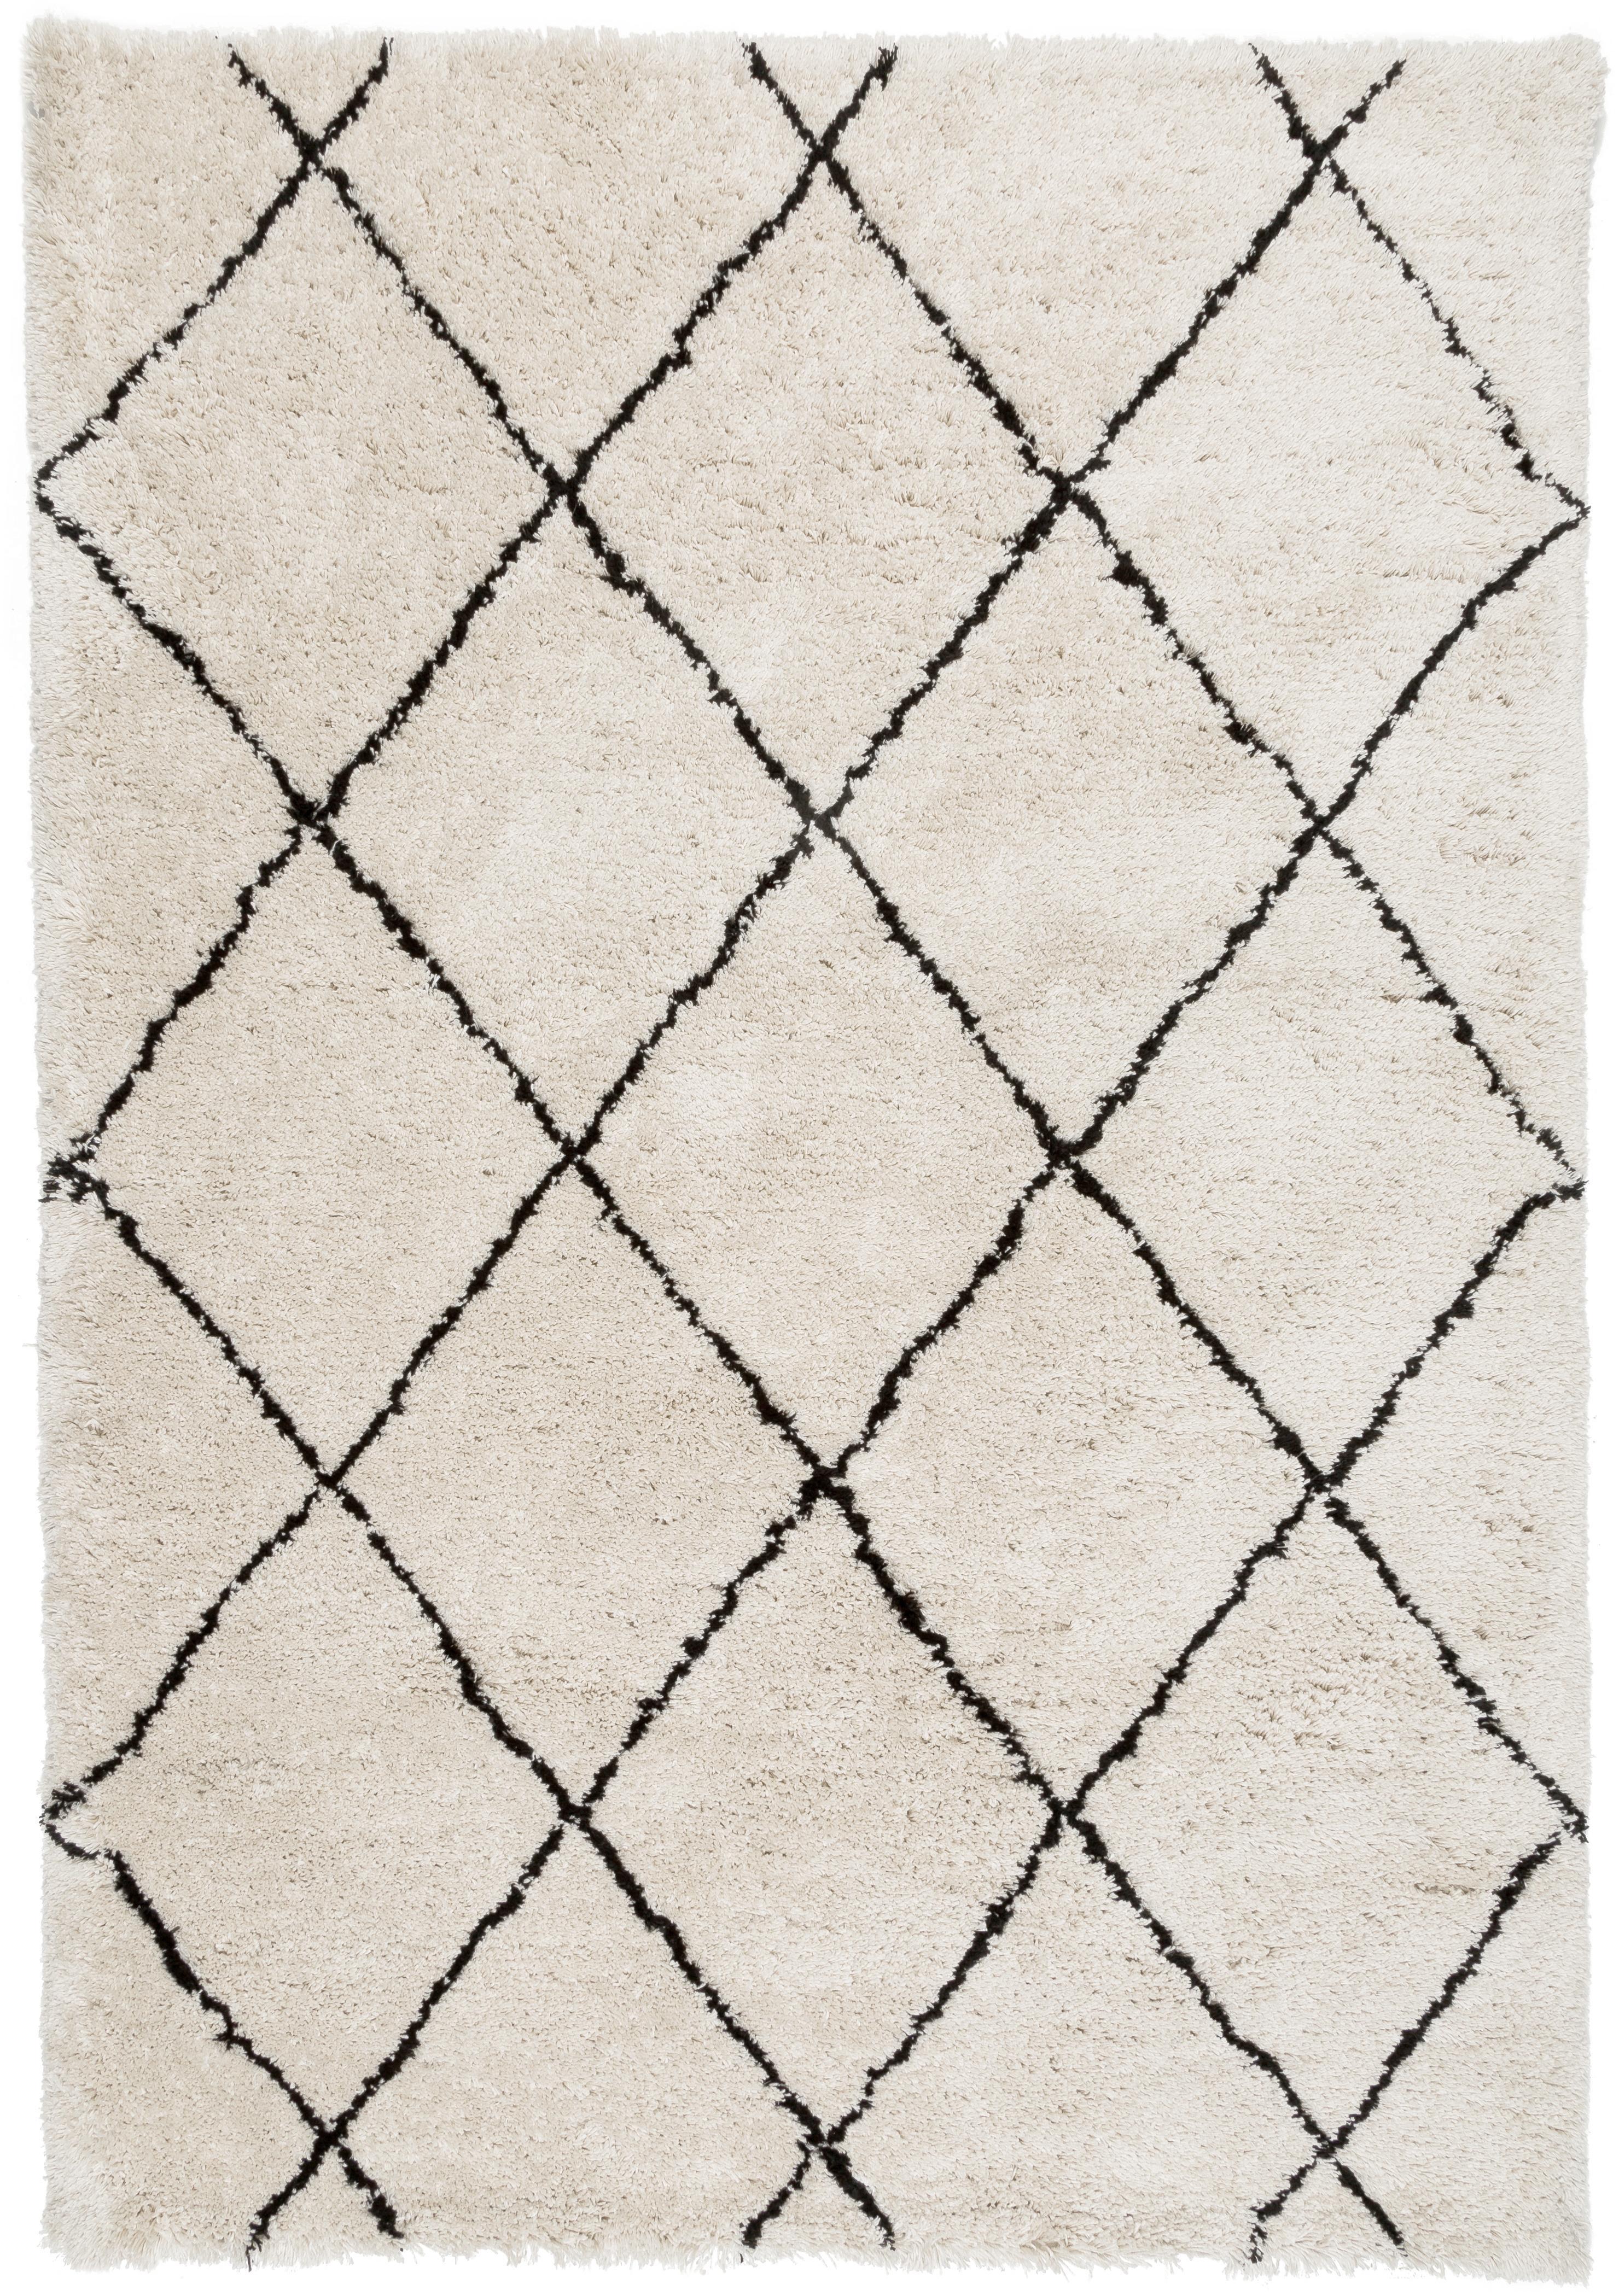 Flauschiger Hochflor-Teppich Naima, handgetuftet, Flor: 100% Polyester, Beige, Schwarz, B 160 x L 230 cm (Grösse M)